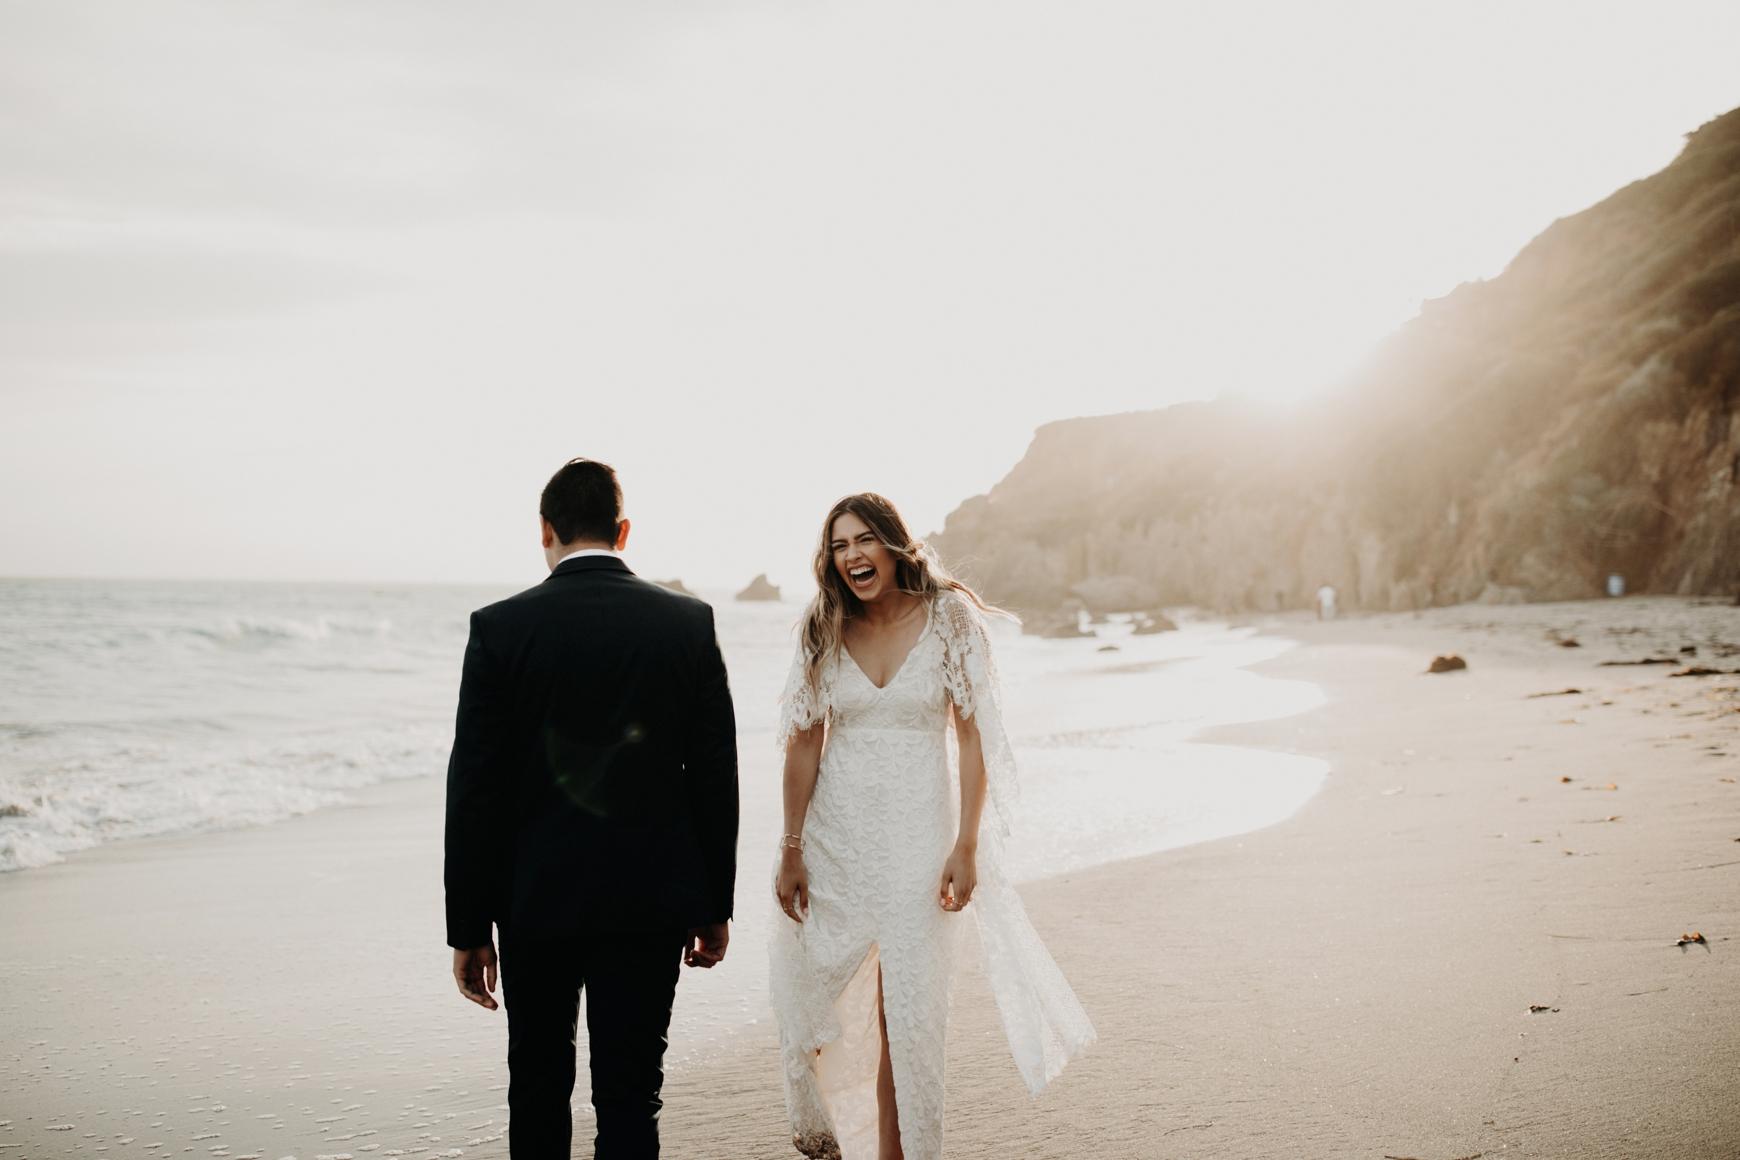 El Matador Beach Bridal Portraits Justellen & TJ Emily Magers Photography-269Emily Magers Photography.jpg